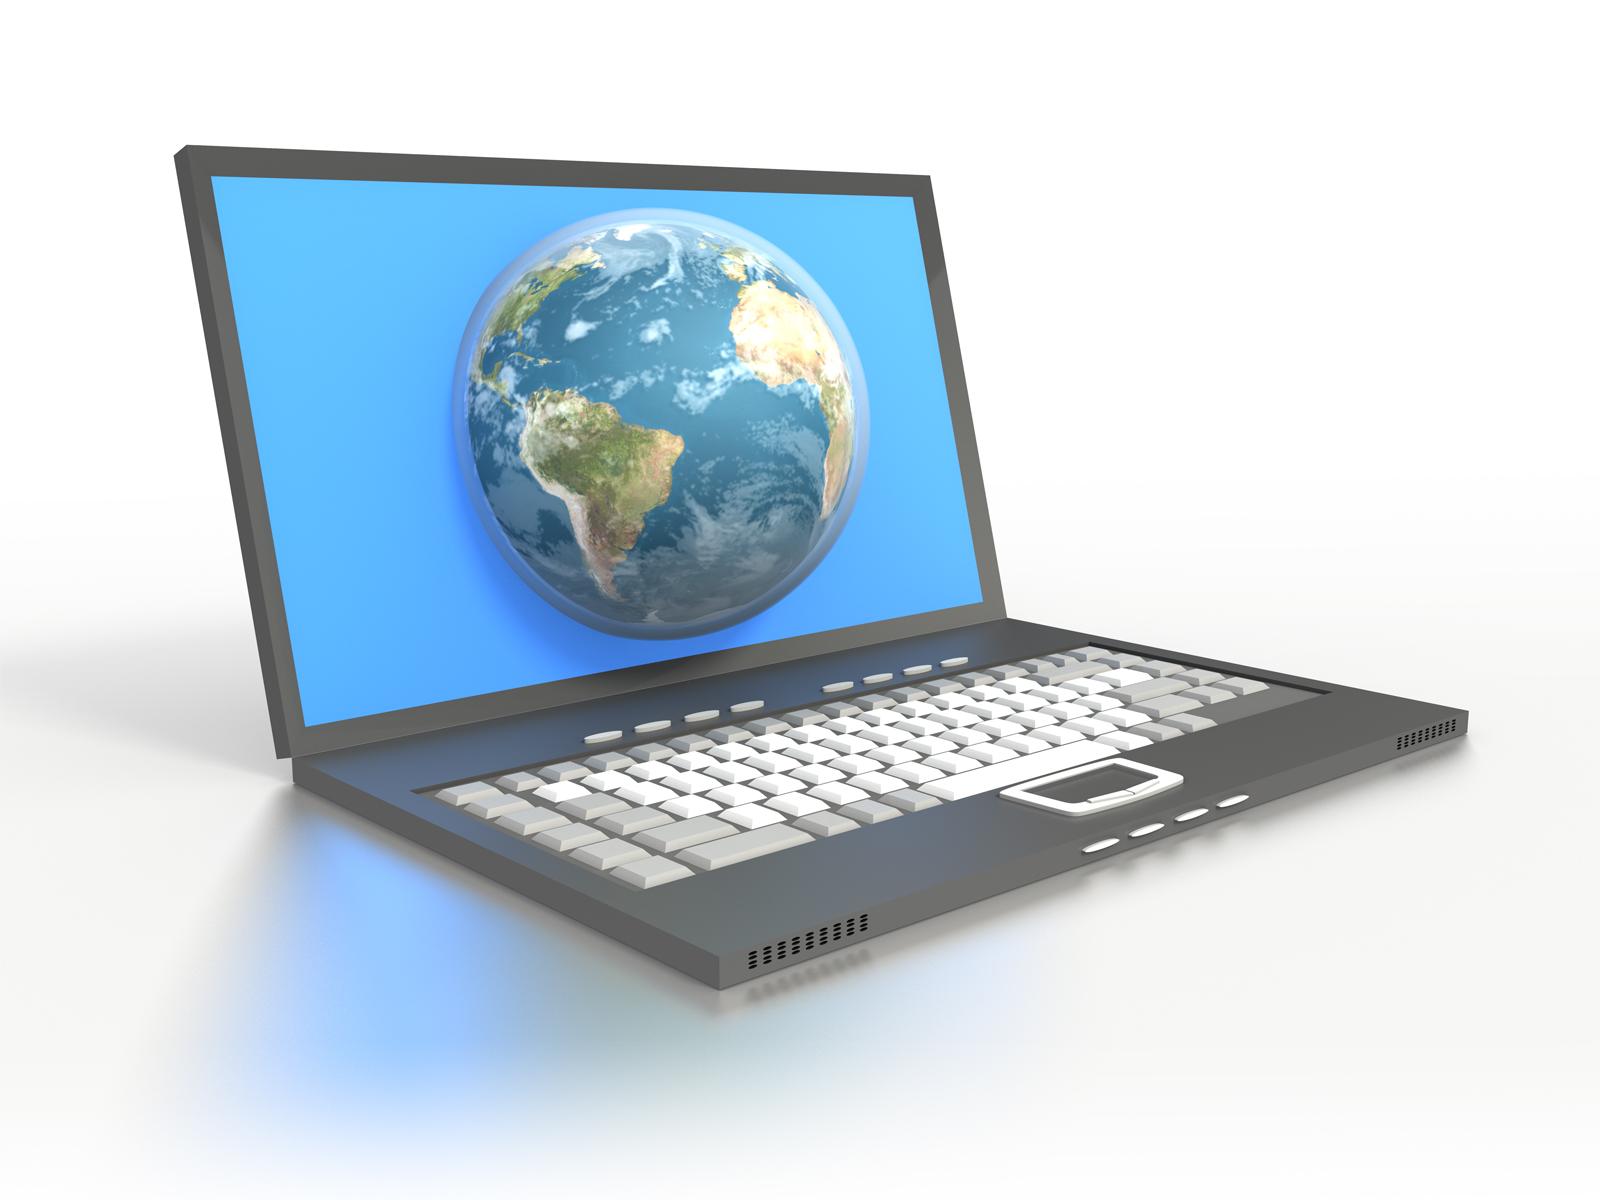 mundo de computadores